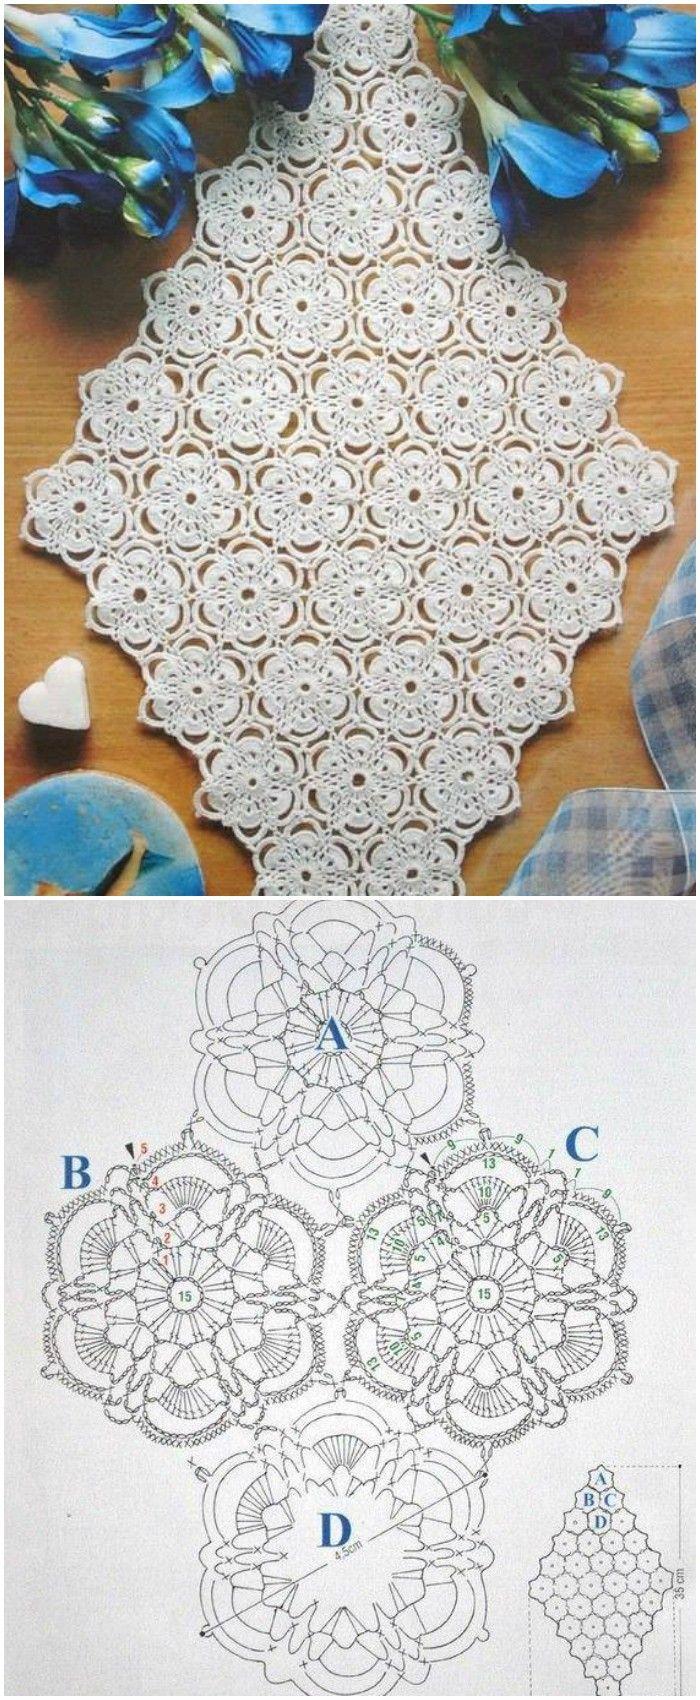 DIY Crochet Table Runner -Free Patterns | haken | Pinterest ...